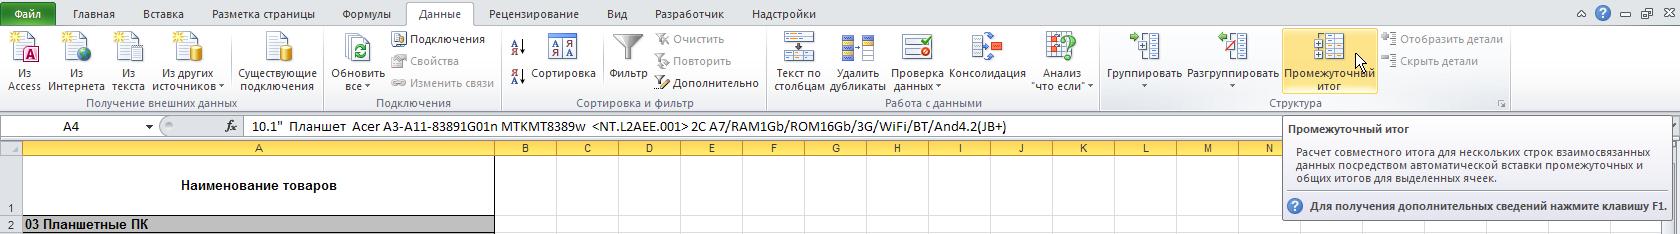 Excel: Лента - Данные - Структура - Промежуточный итог